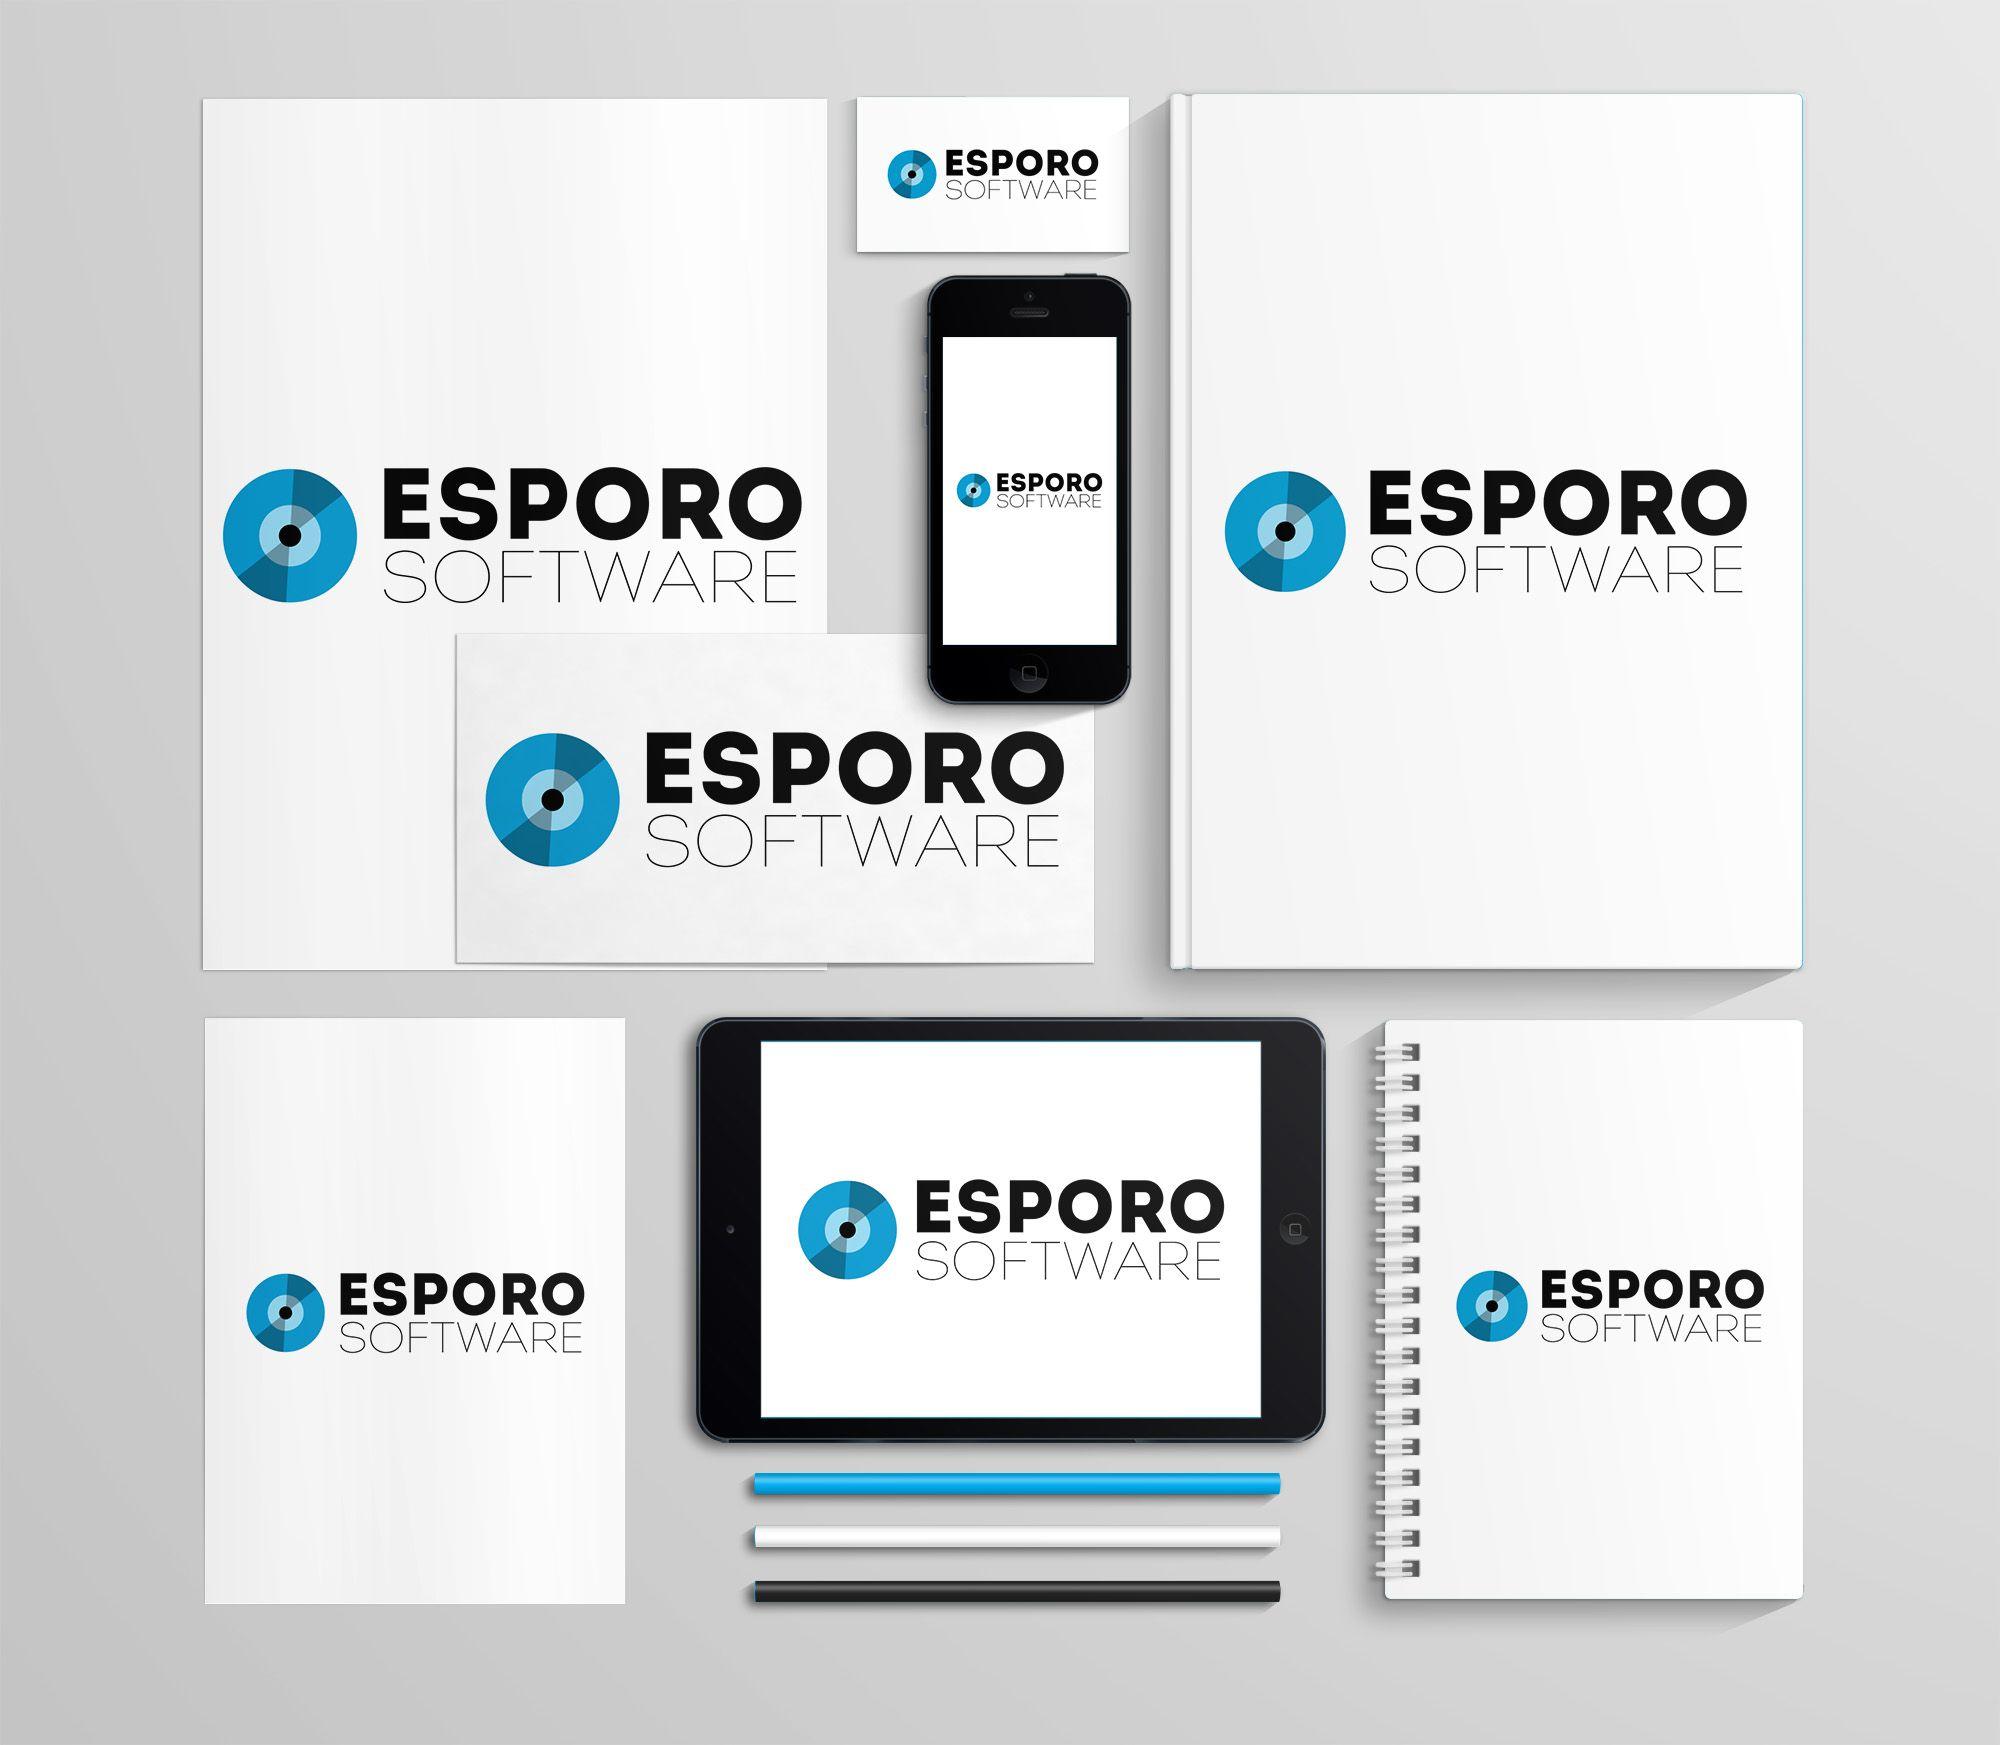 Логотип и фирменный стиль для ИТ-компании - дизайнер platon_karataev